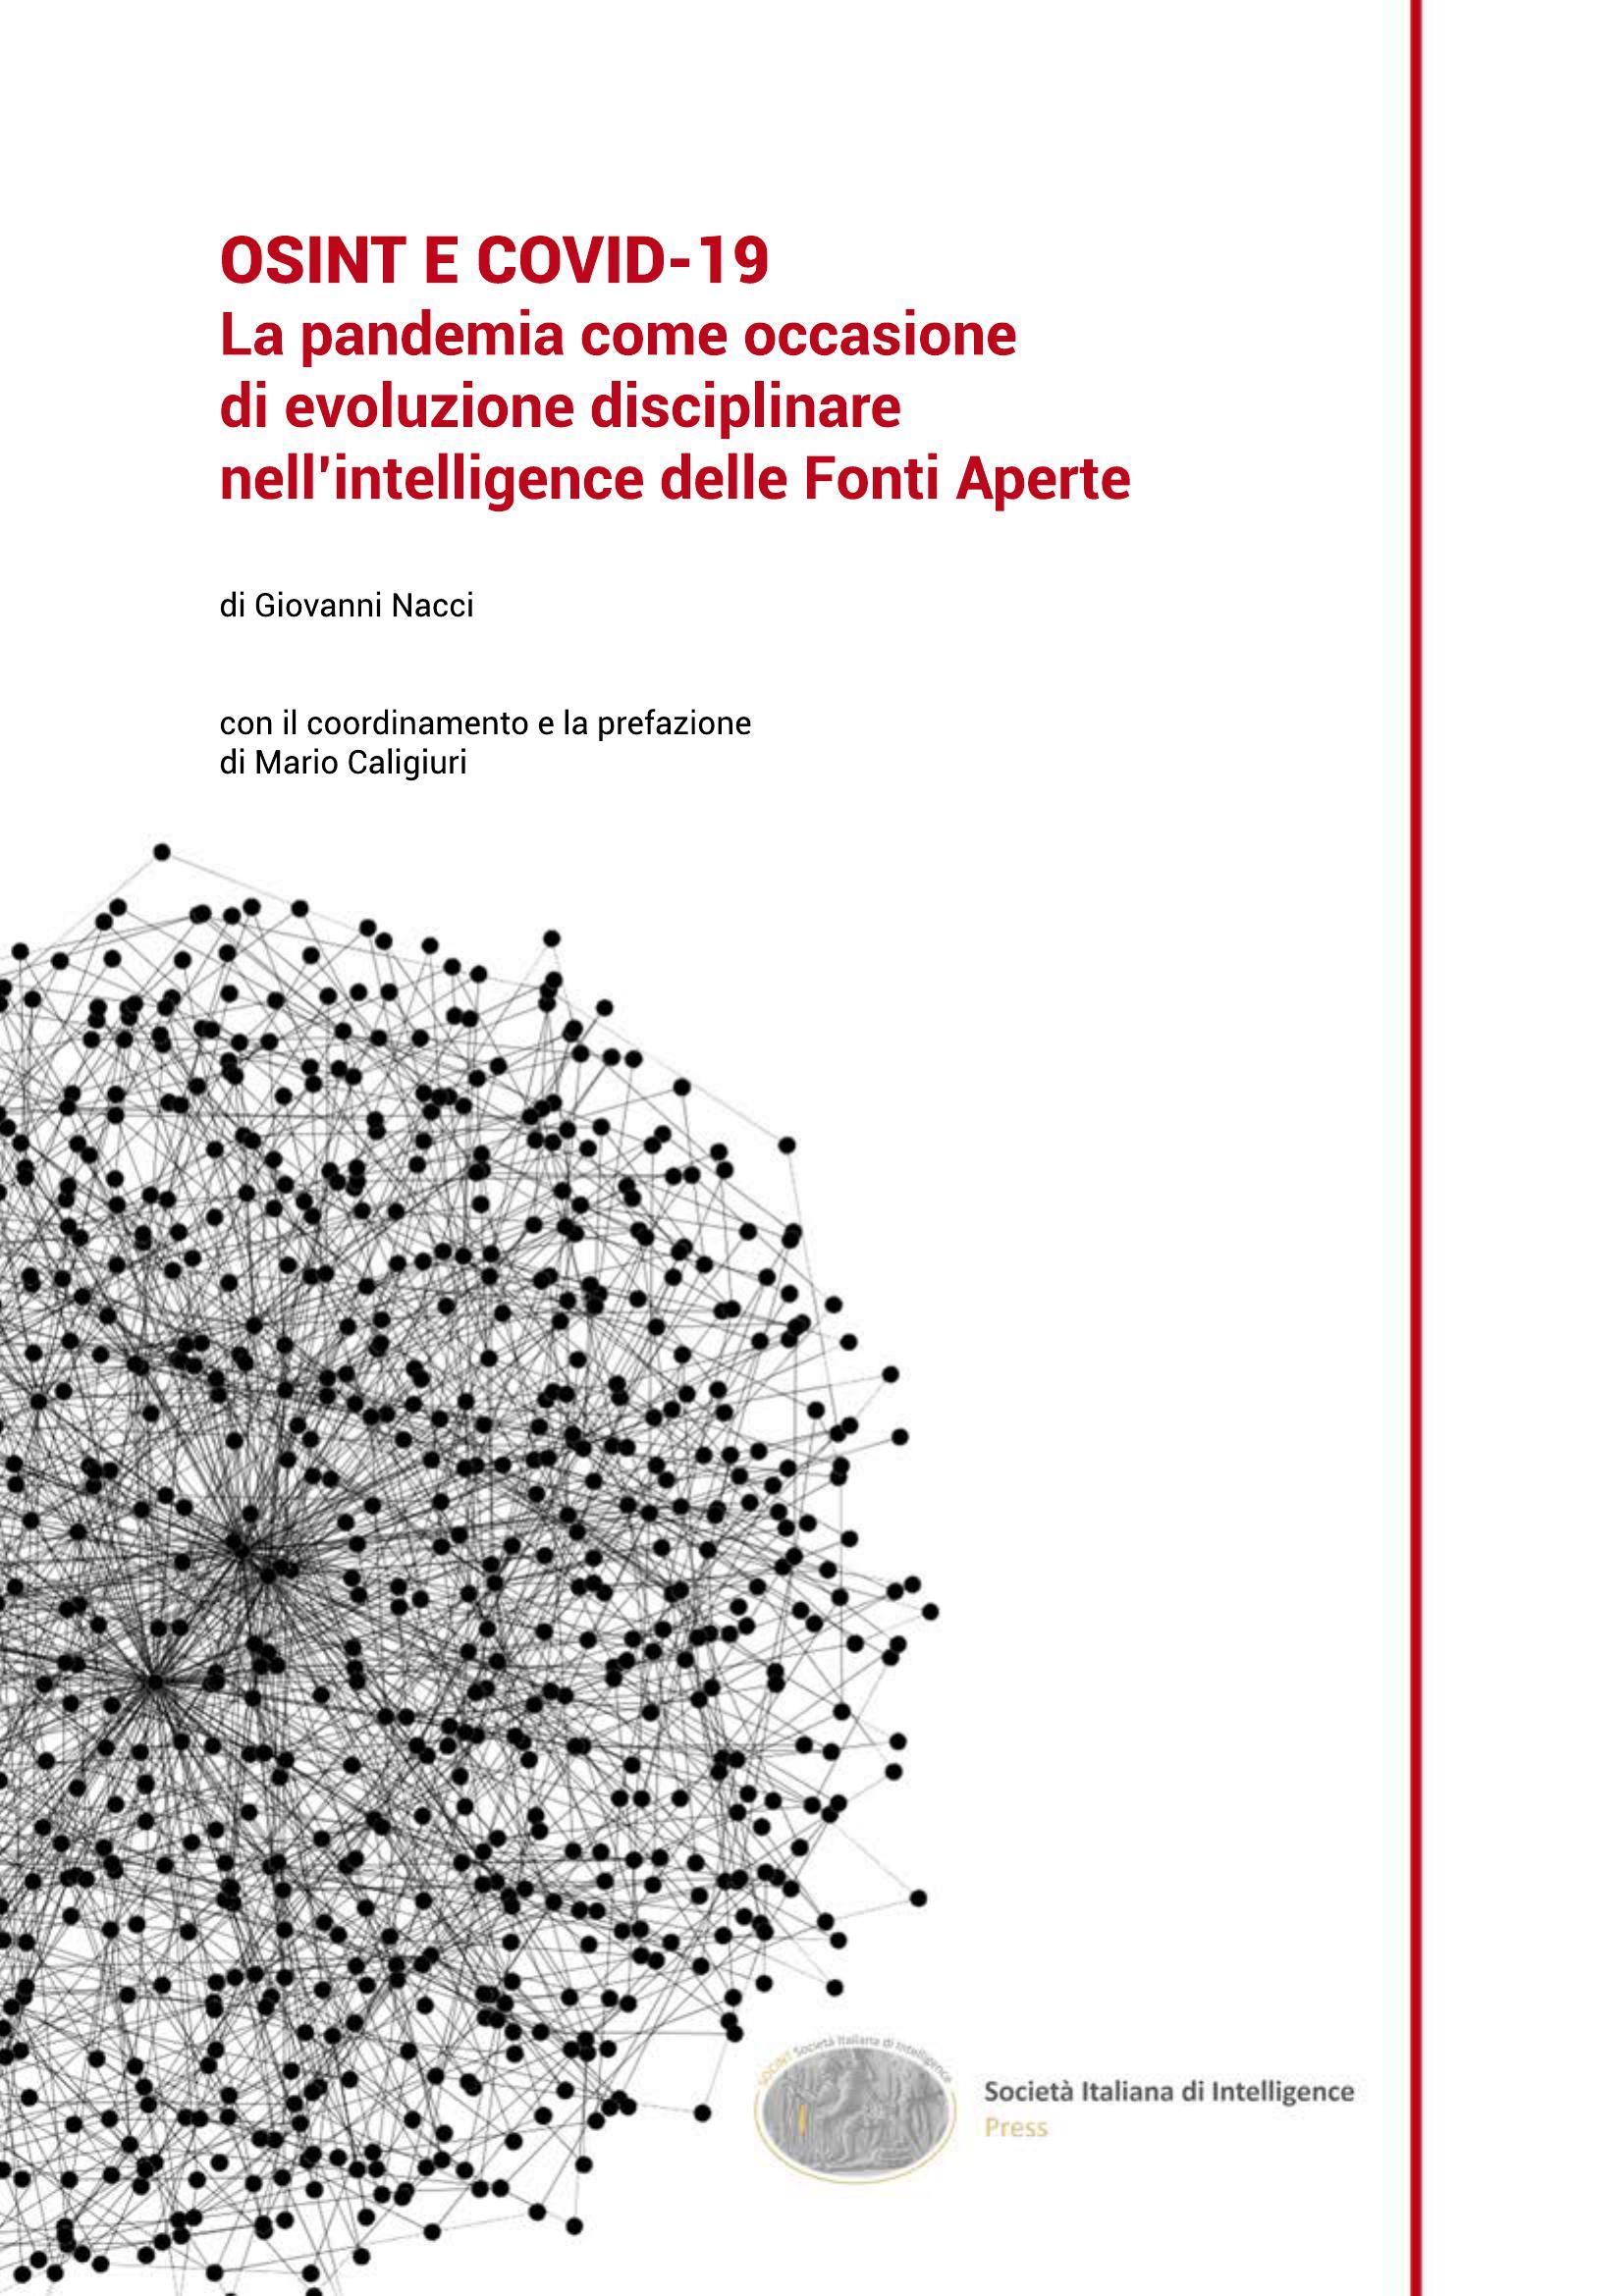 OSINT e COVID-19, la pandemia come occasione di evoluzione disciplinare nell'Intelligence delle Fonti Aperte